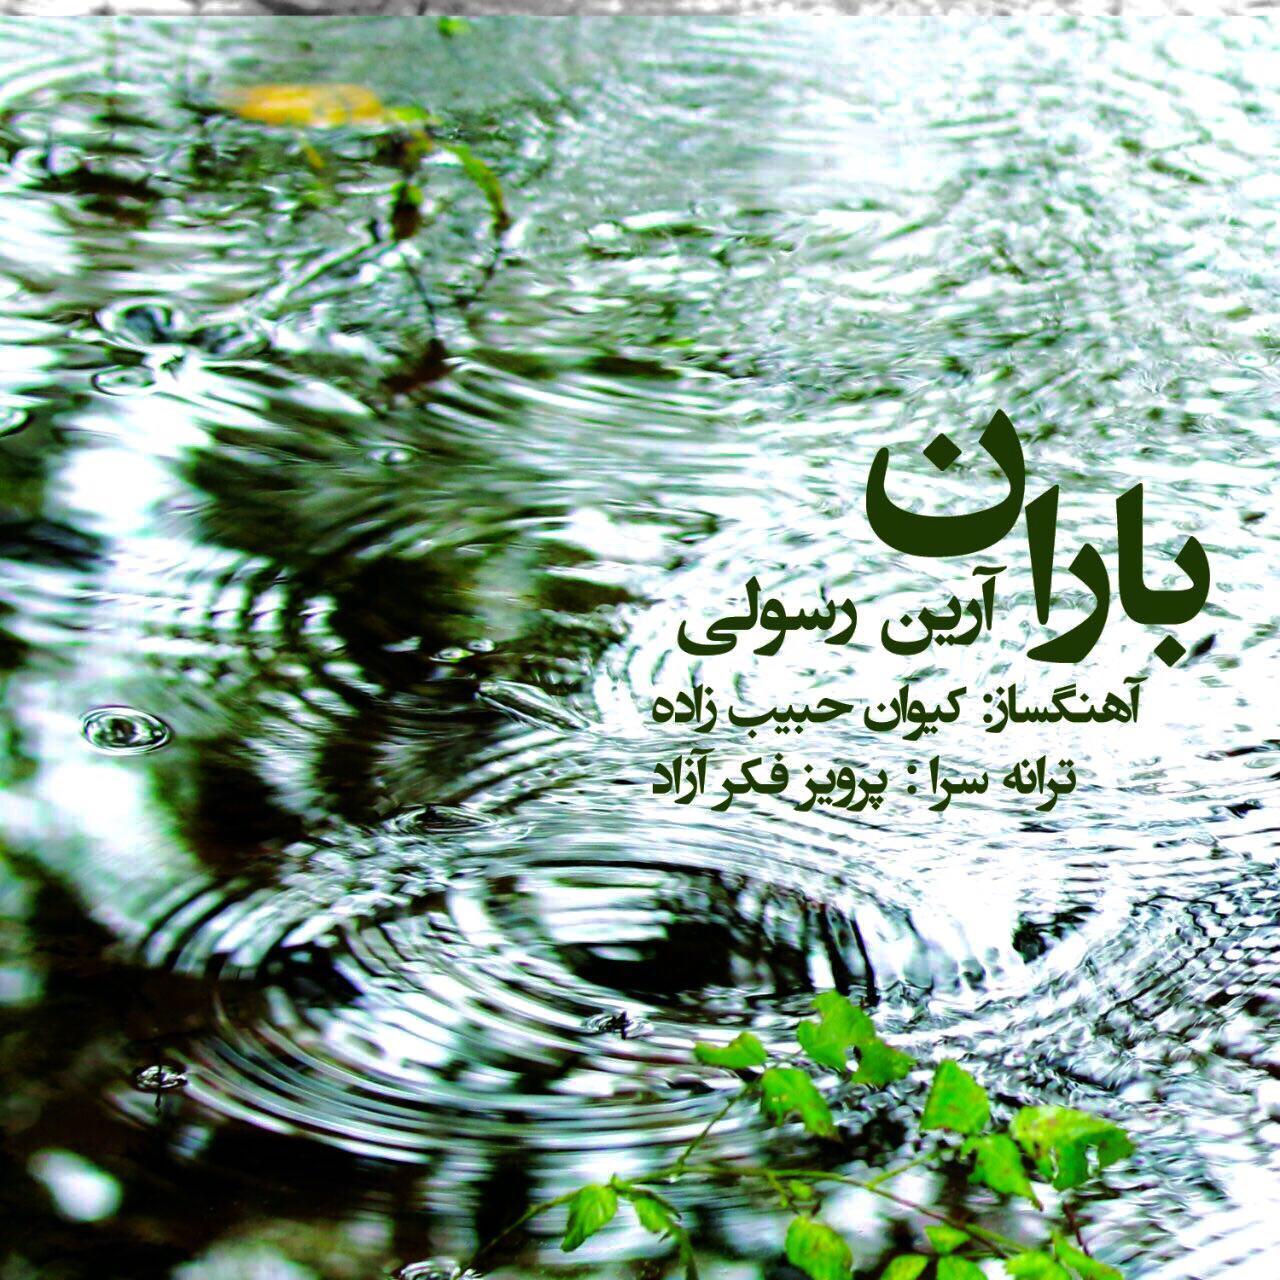 دانلود آهنگ جدید آرین رسولی بنام باران